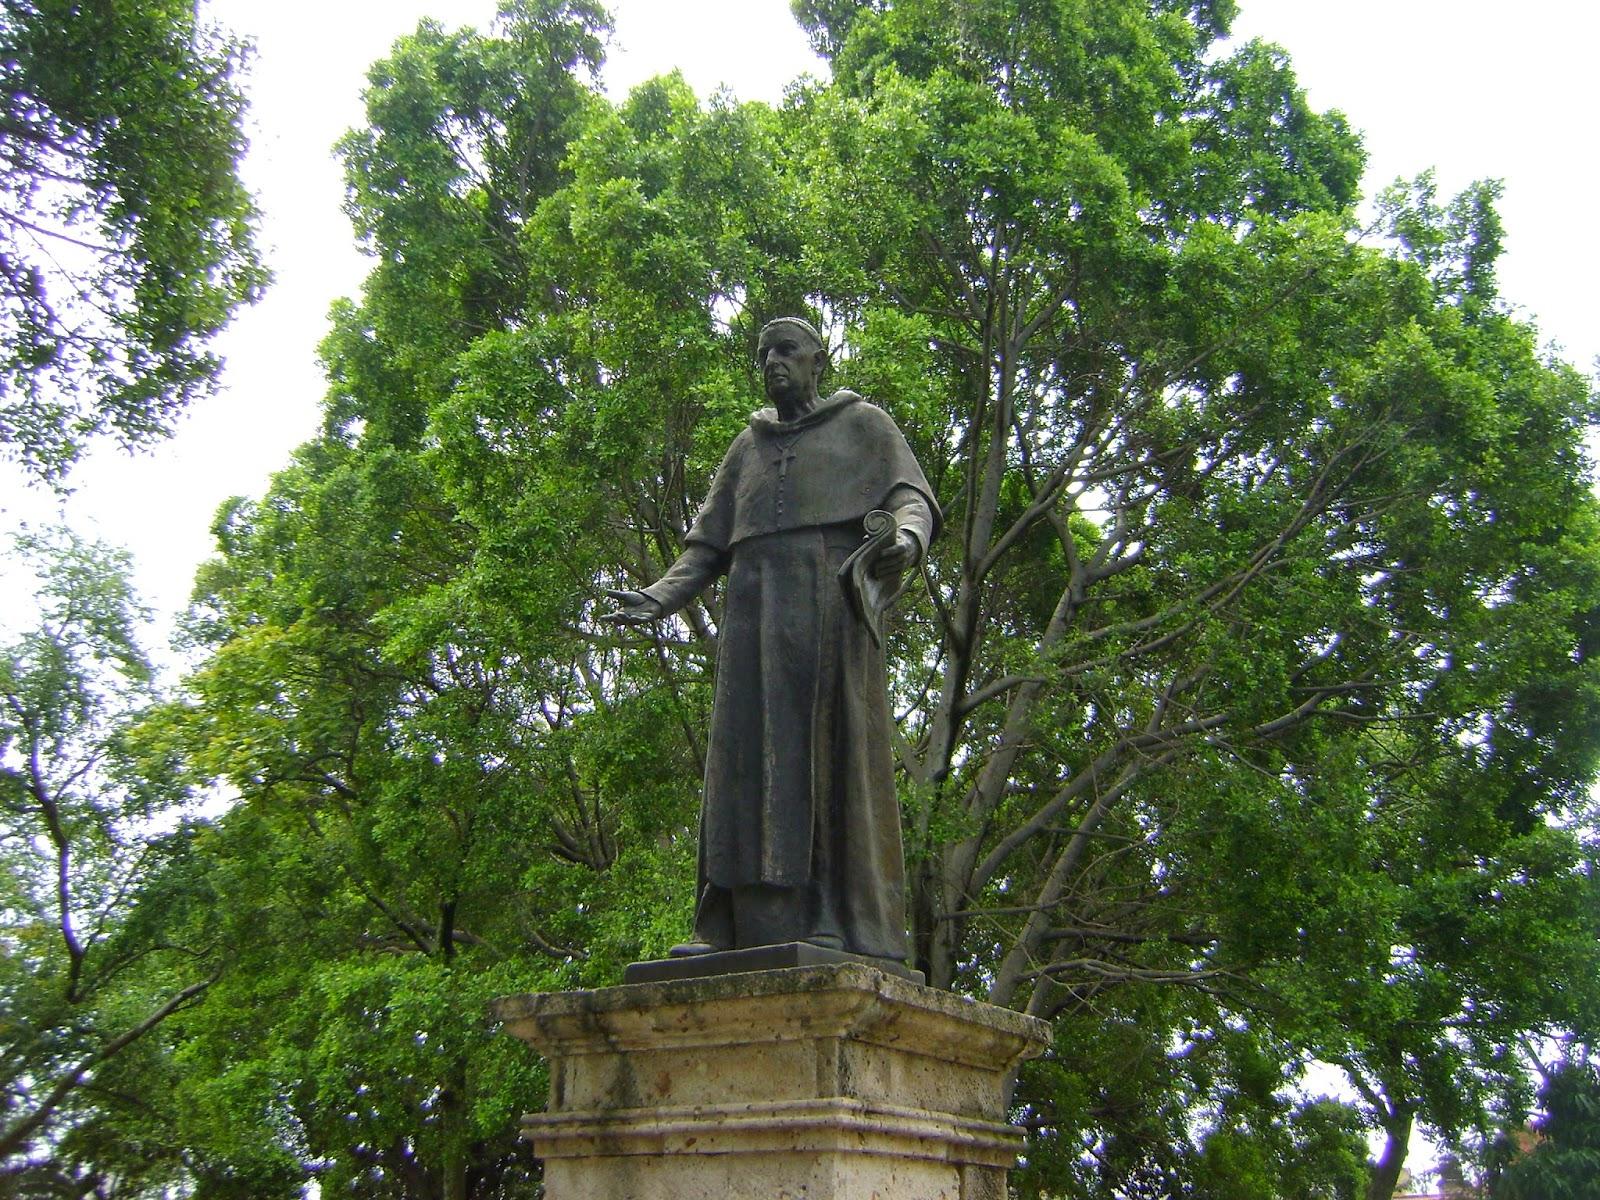 Sancarlosfortin estatua de fray antonio alcalde y barriga - Estatuas de jardin ...